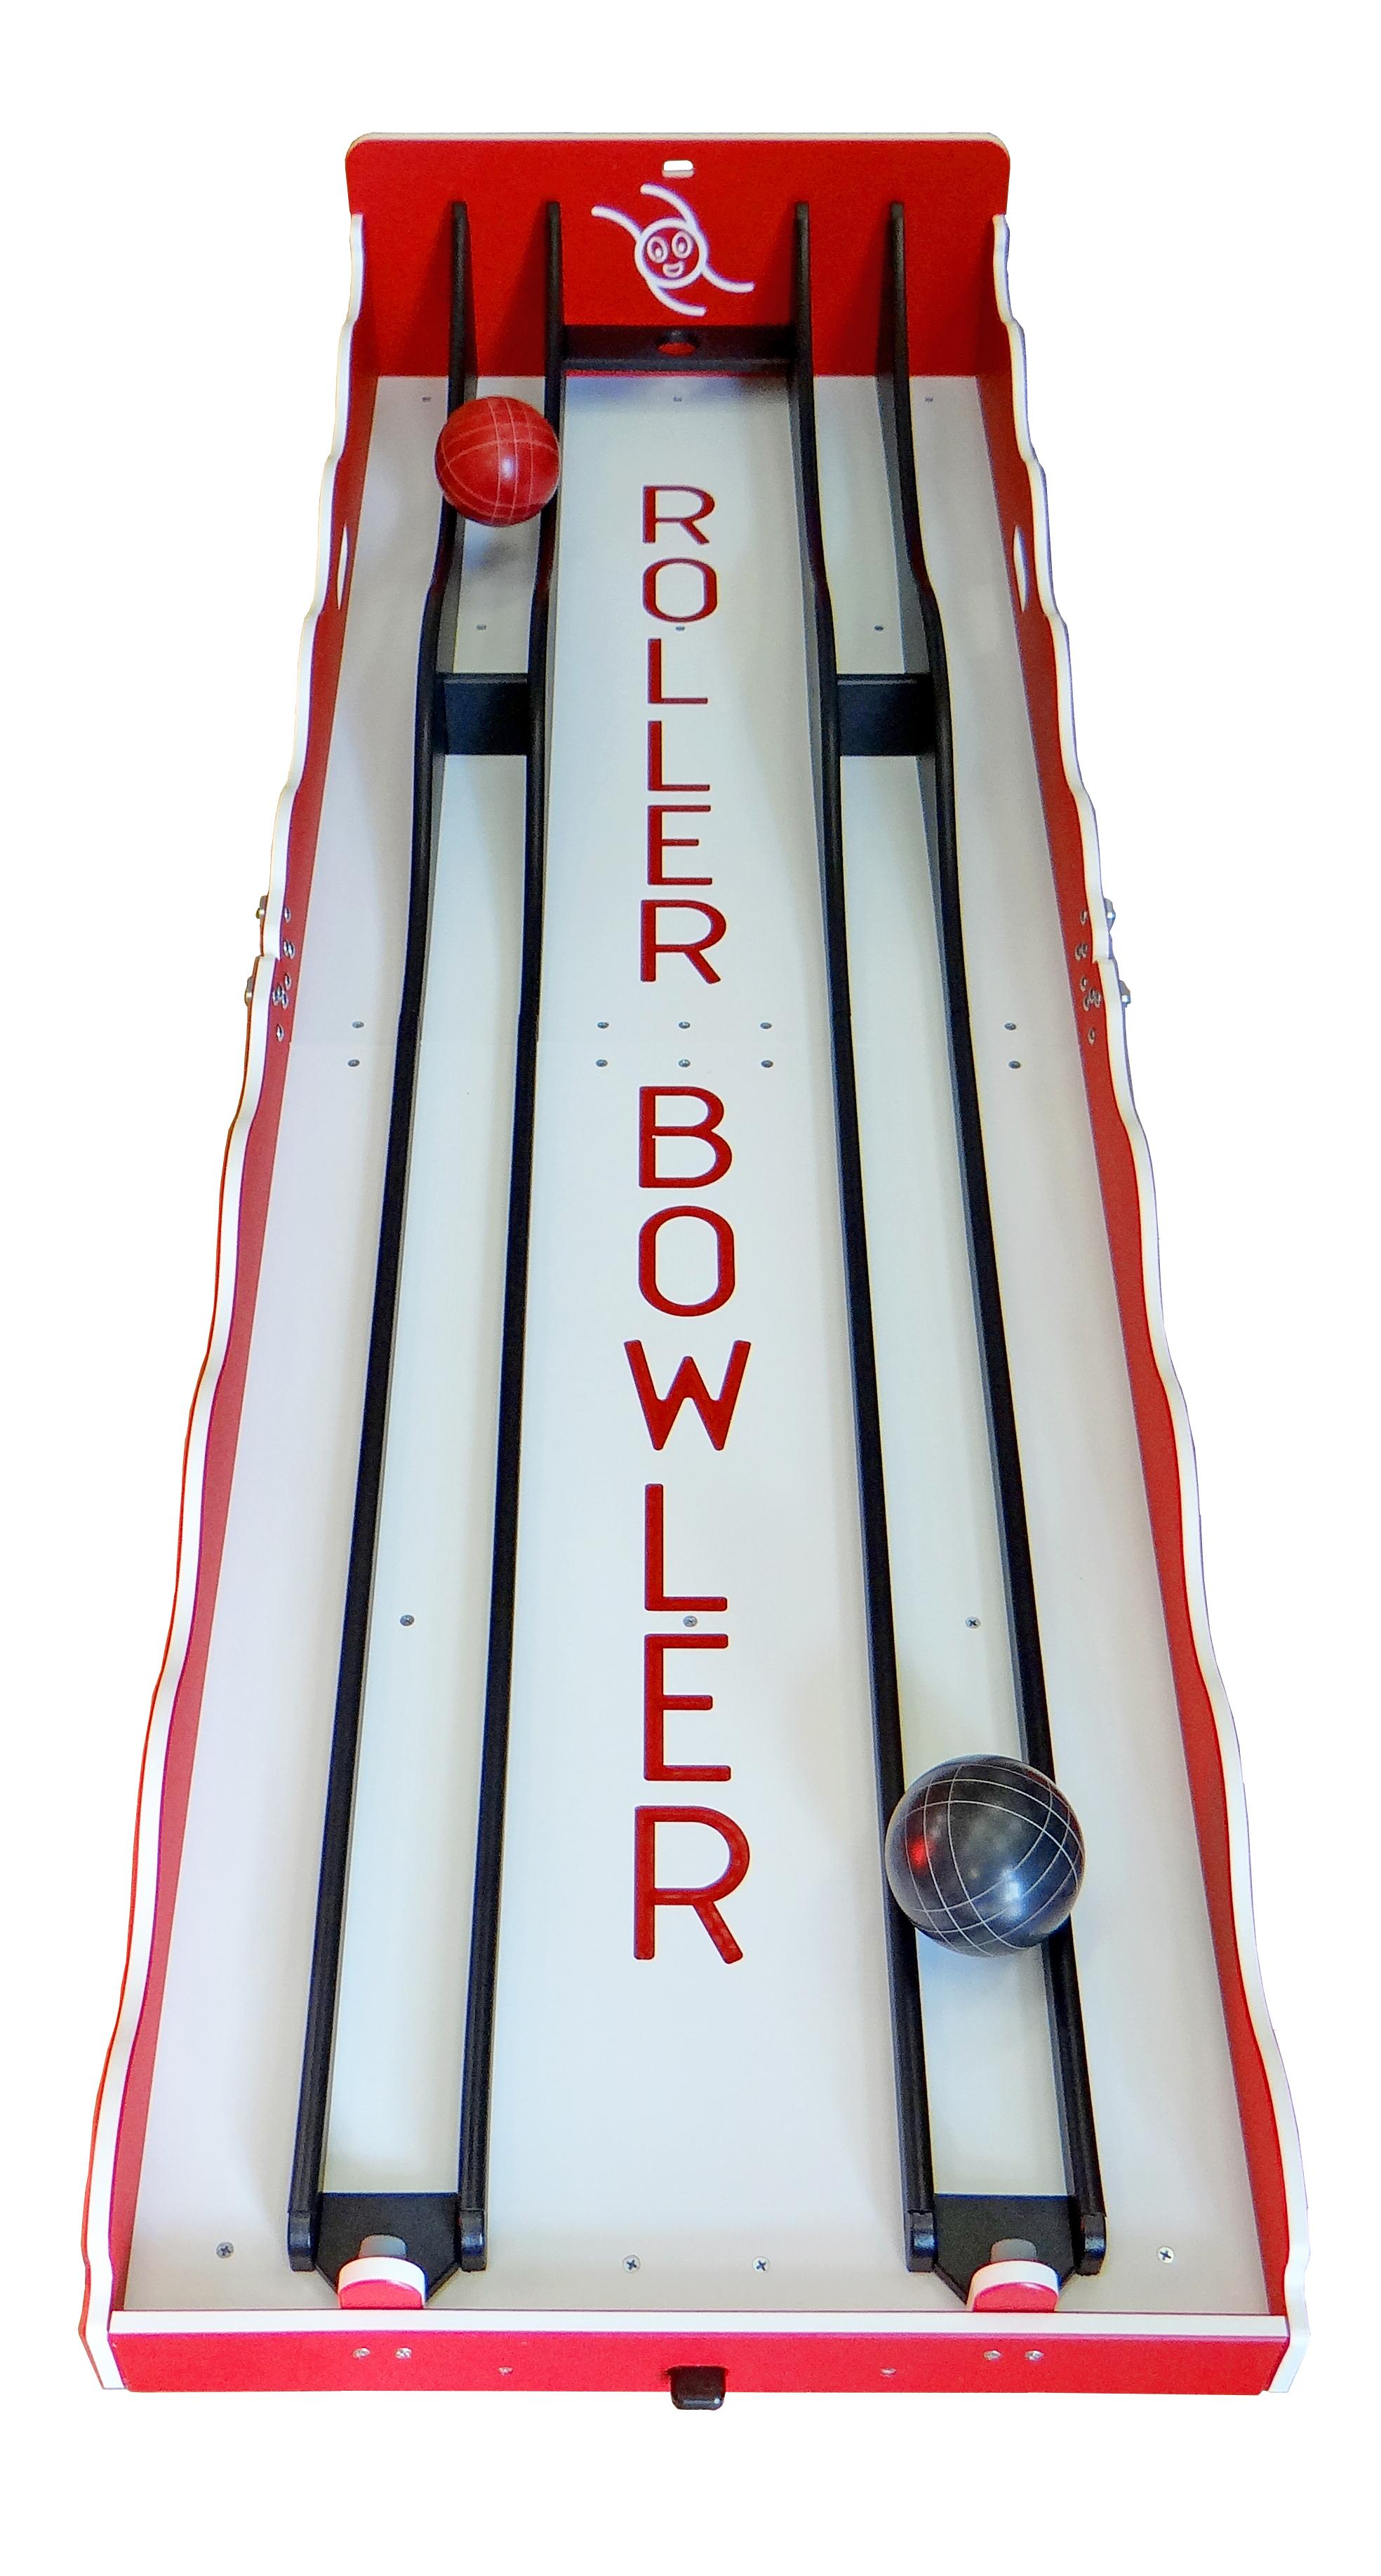 Rollerbowler2_1.jpg